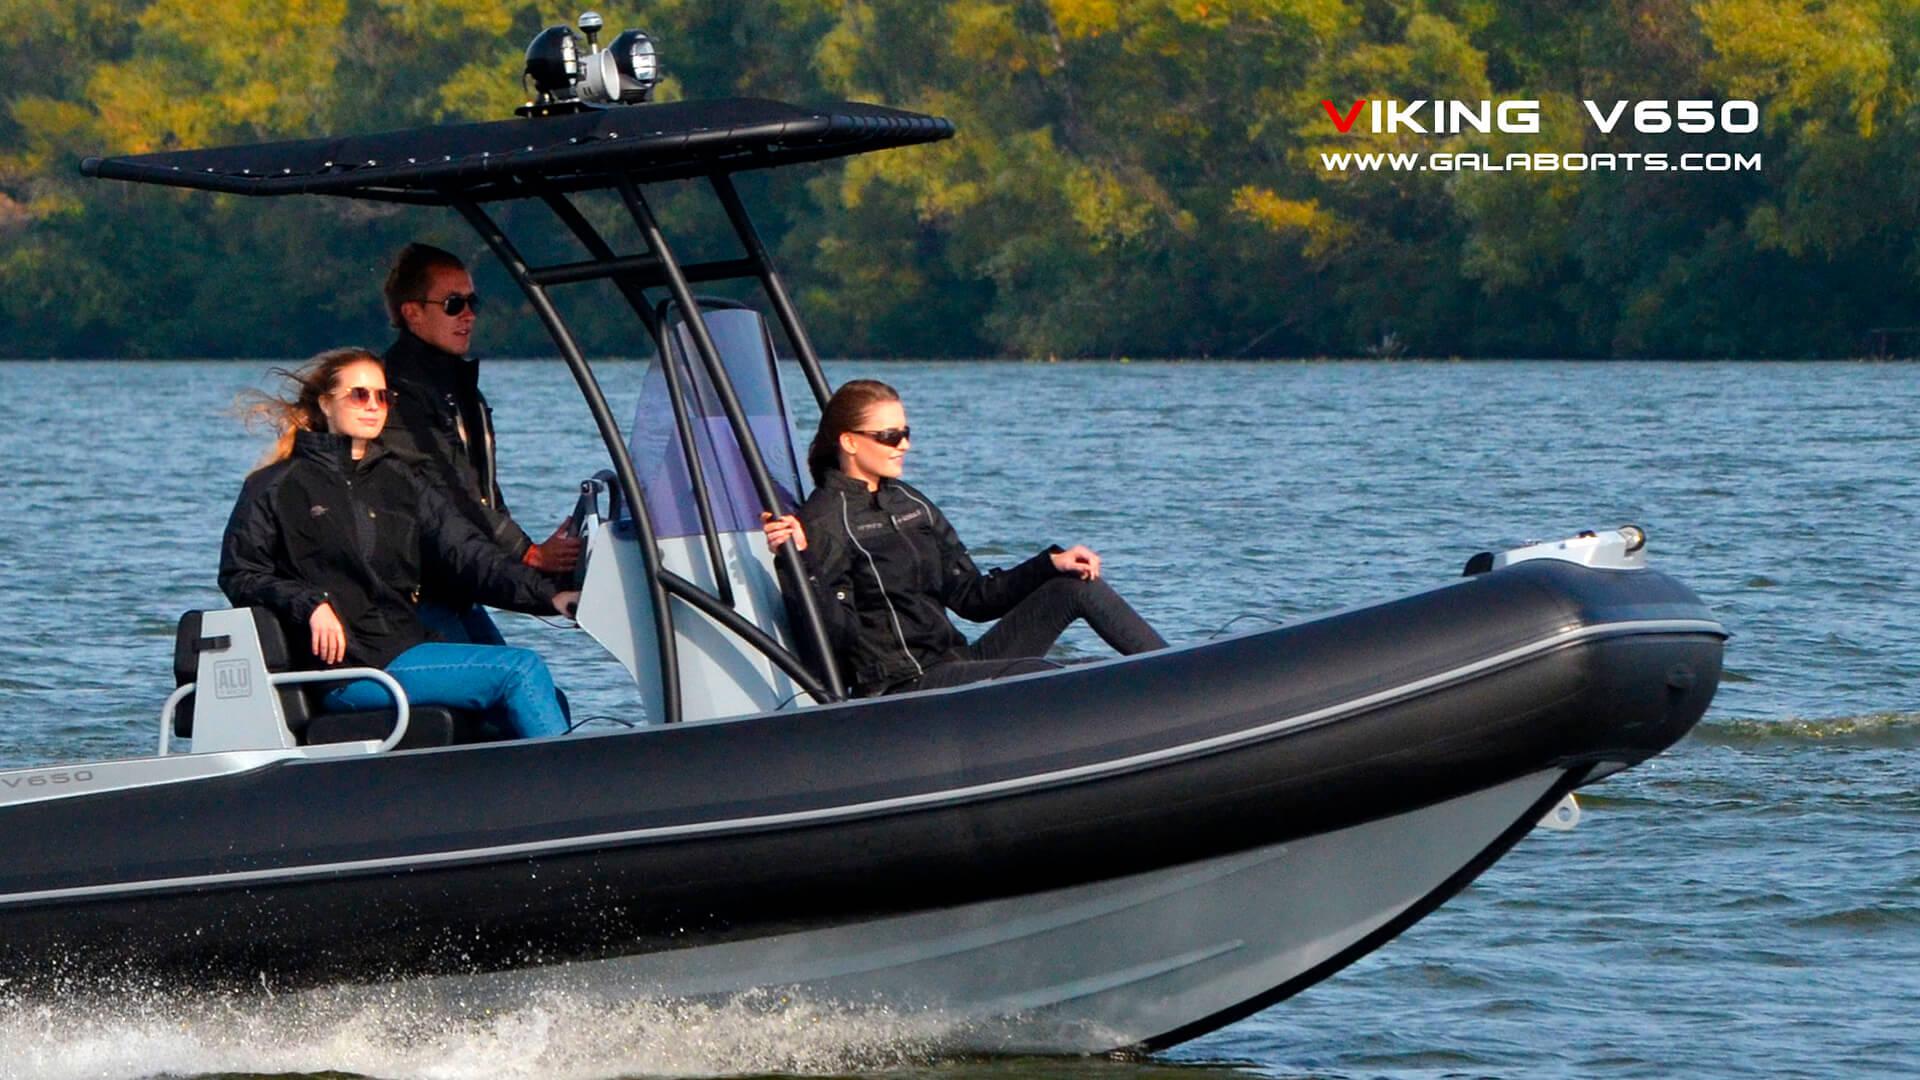 Надувная лодка с жестким алюминиевым дном GALA Viking V650, Надувная лодка с жестким дном GALA Viking V650, Надувная лодка с жестким дном GALA V650, Надувная лодка GALA V650, Надувная лодка GALA V650, GALA V650, лодка с жестким дном, алюминиевый риб, алюминиевый RIB, RIB